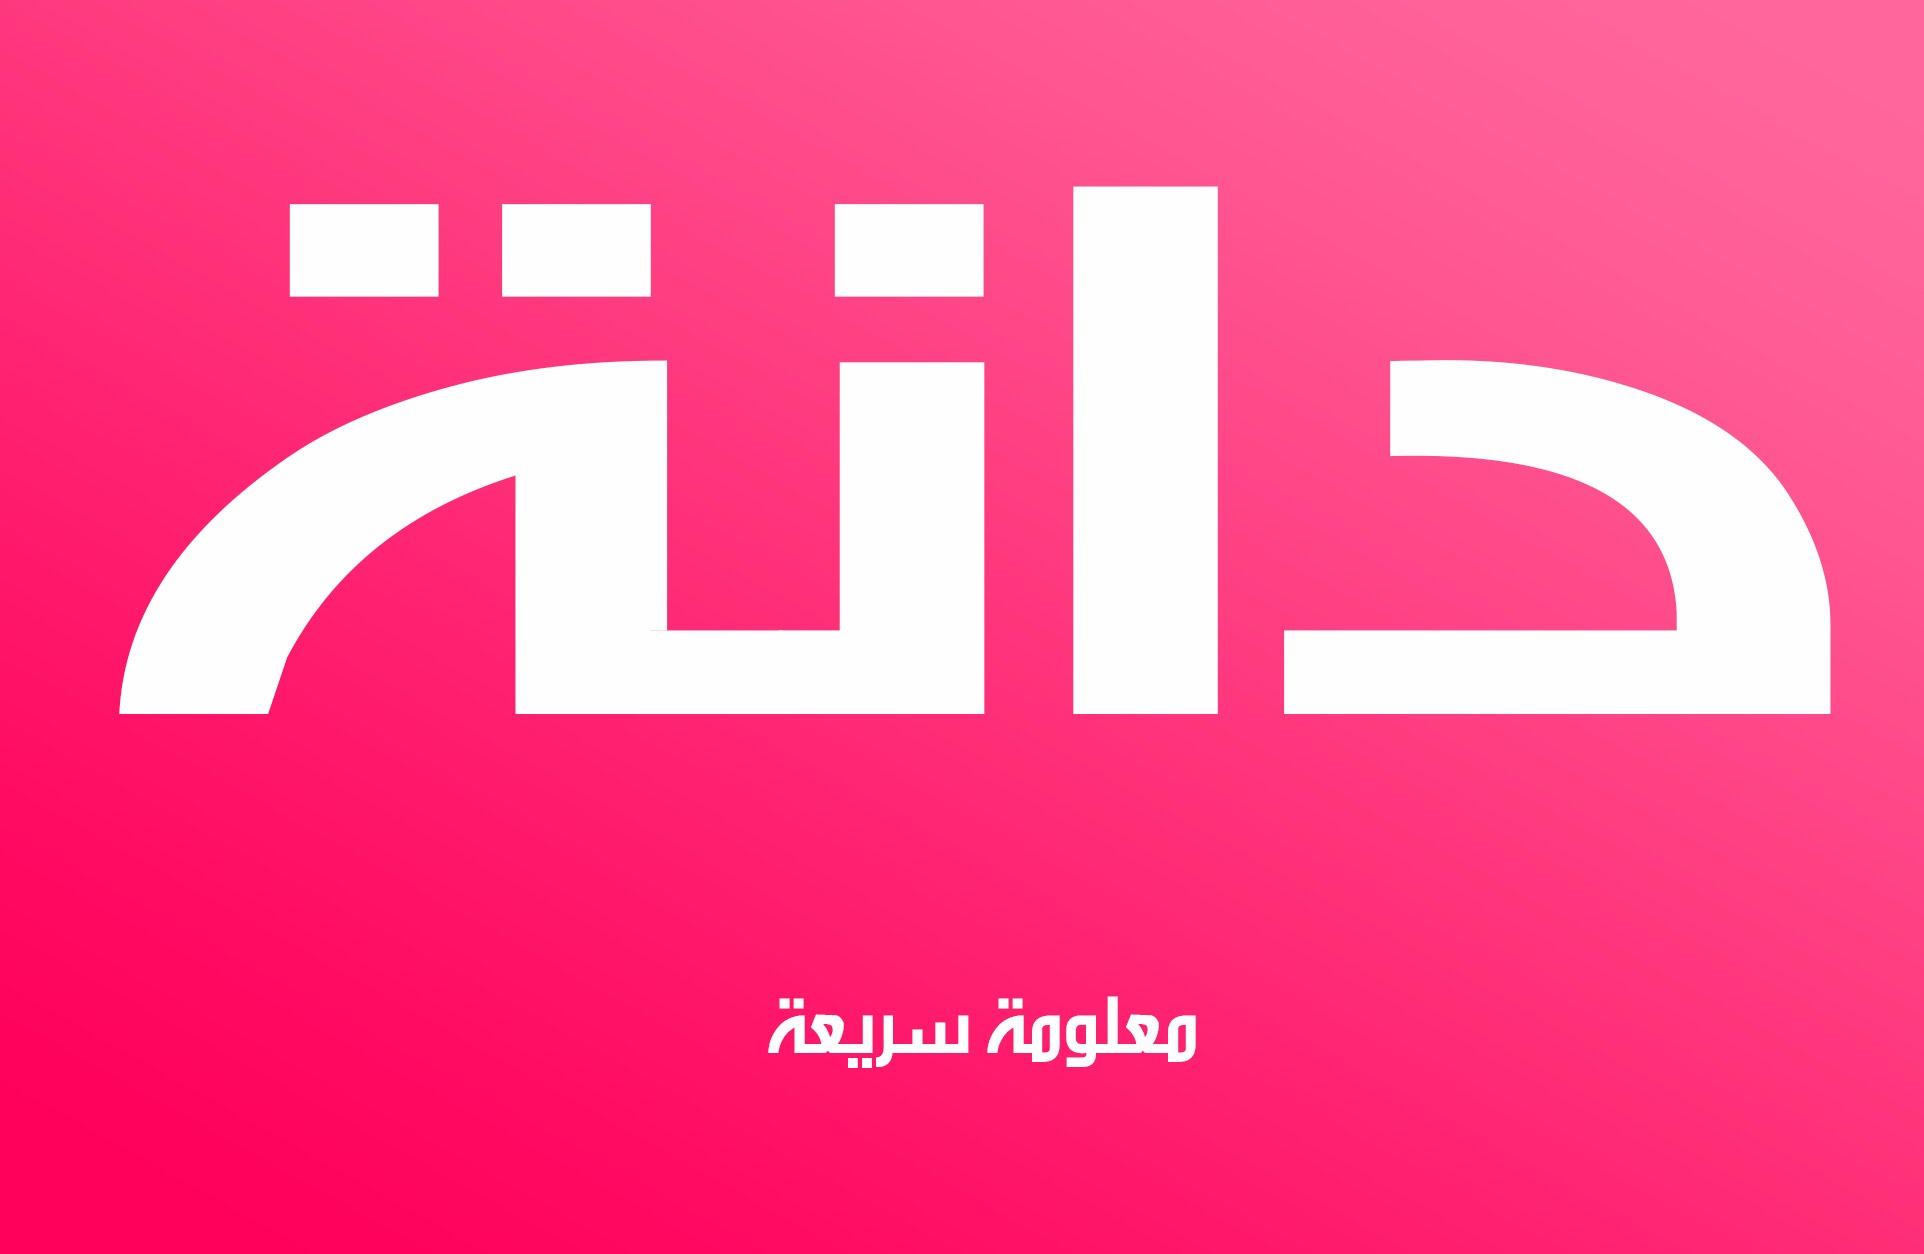 بالصور معنى اسم دانه , تفسير اسم دانه فى العالم العربى وتاثيره فى حياة حامله 3286 2